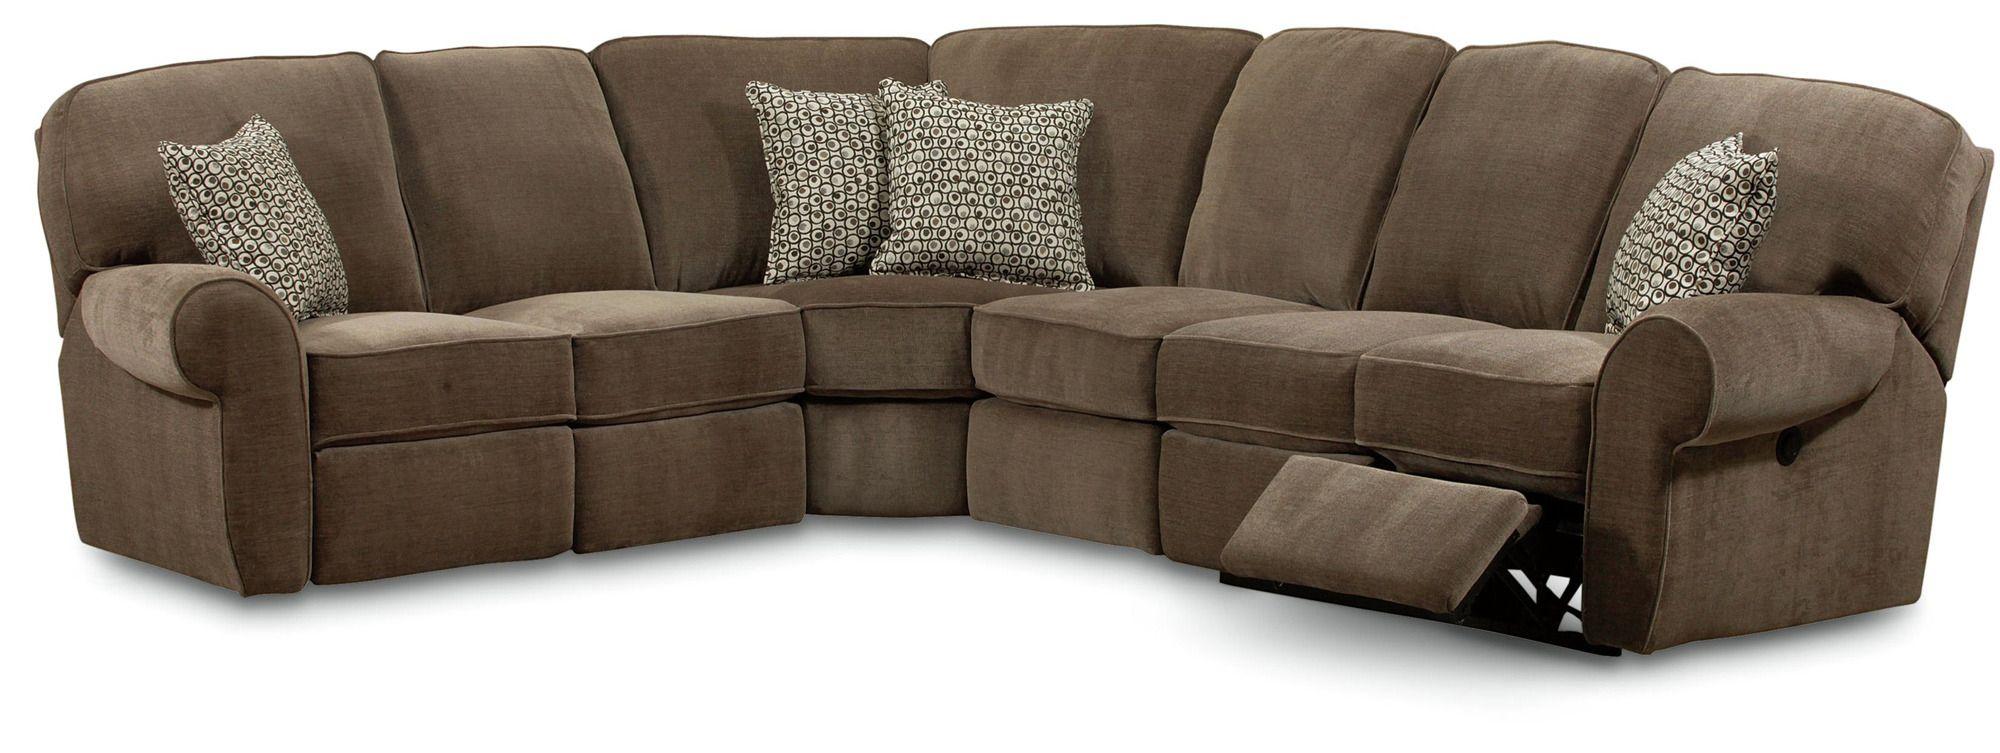 Lane Furniture Alpine Queen Sleeper Sectional 204 QSEC